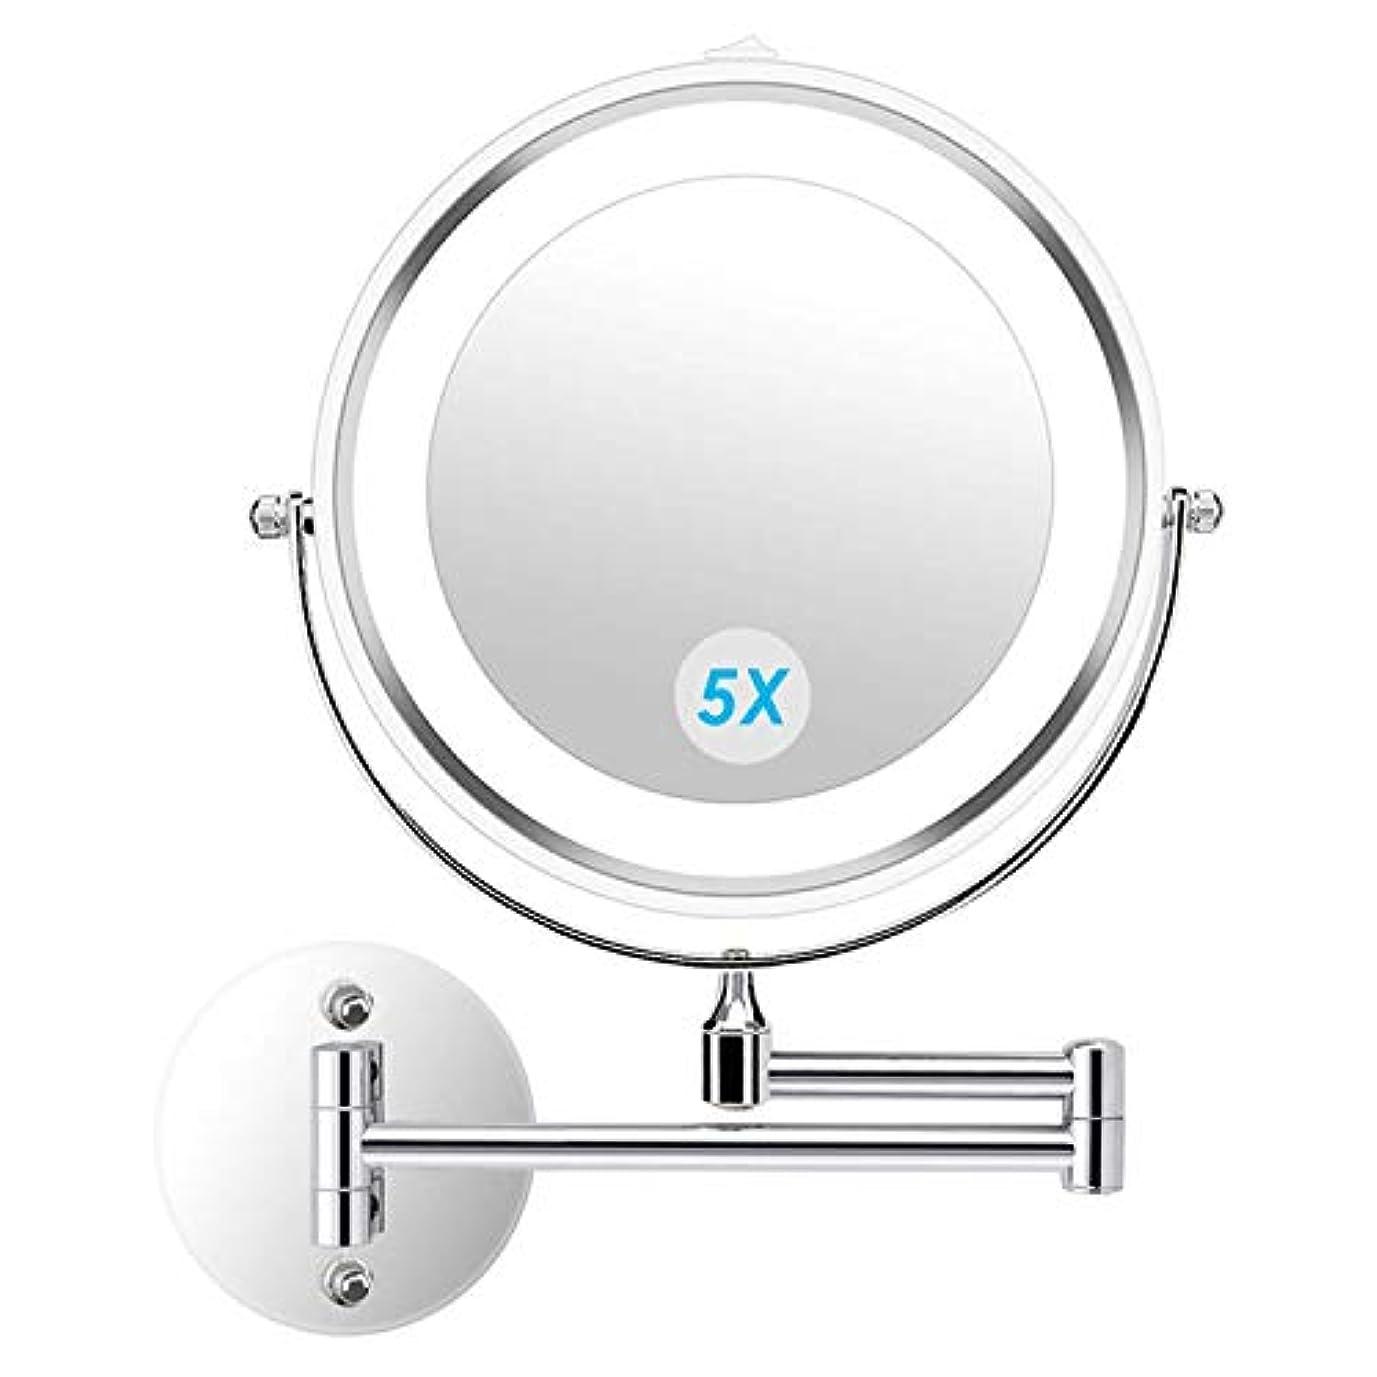 経済美容師コンバーチブルalvorog 壁掛け化粧鏡 4個 電池で駆動バスルームホテル用照明付き両面5倍 倍率360度 スイベル延長化粧化粧鏡を導きました 7